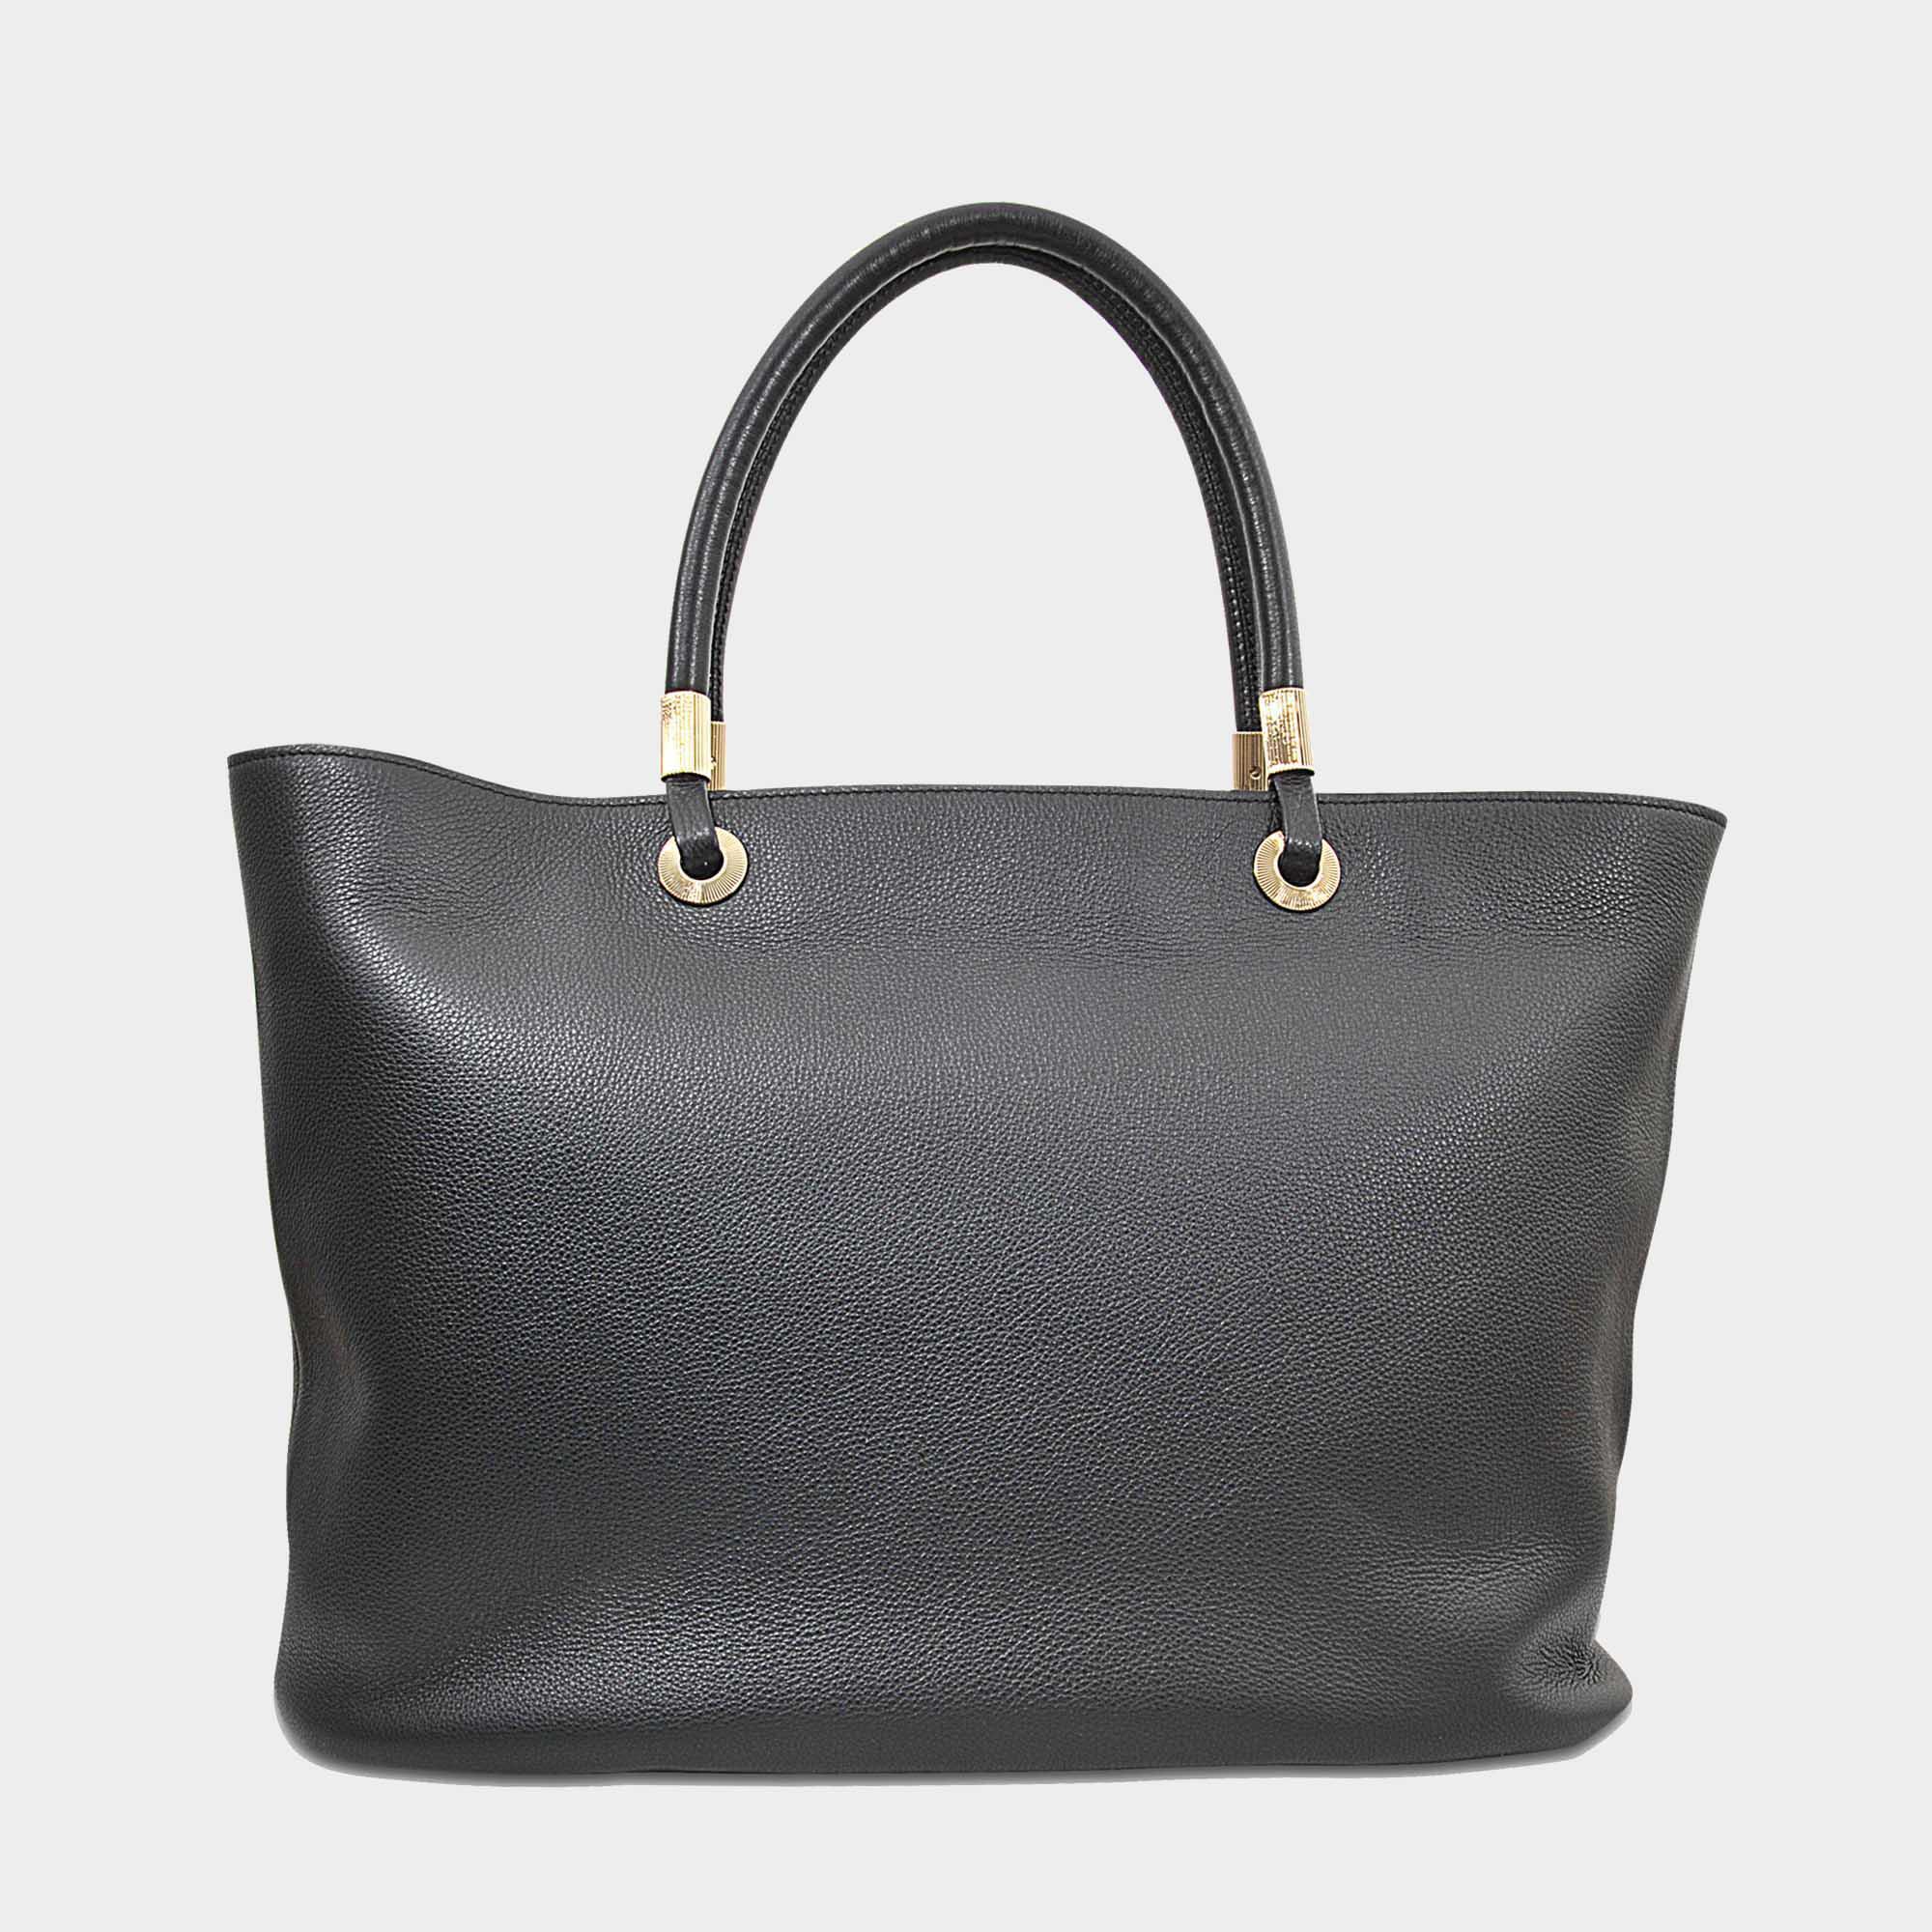 64df253d0243 Gallery. Women s Michael Kors Eliza Women s Balenciaga Town Women s  Balenciaga Everyday Women s Patent Leather Handbags Women s Pom Pom Bags